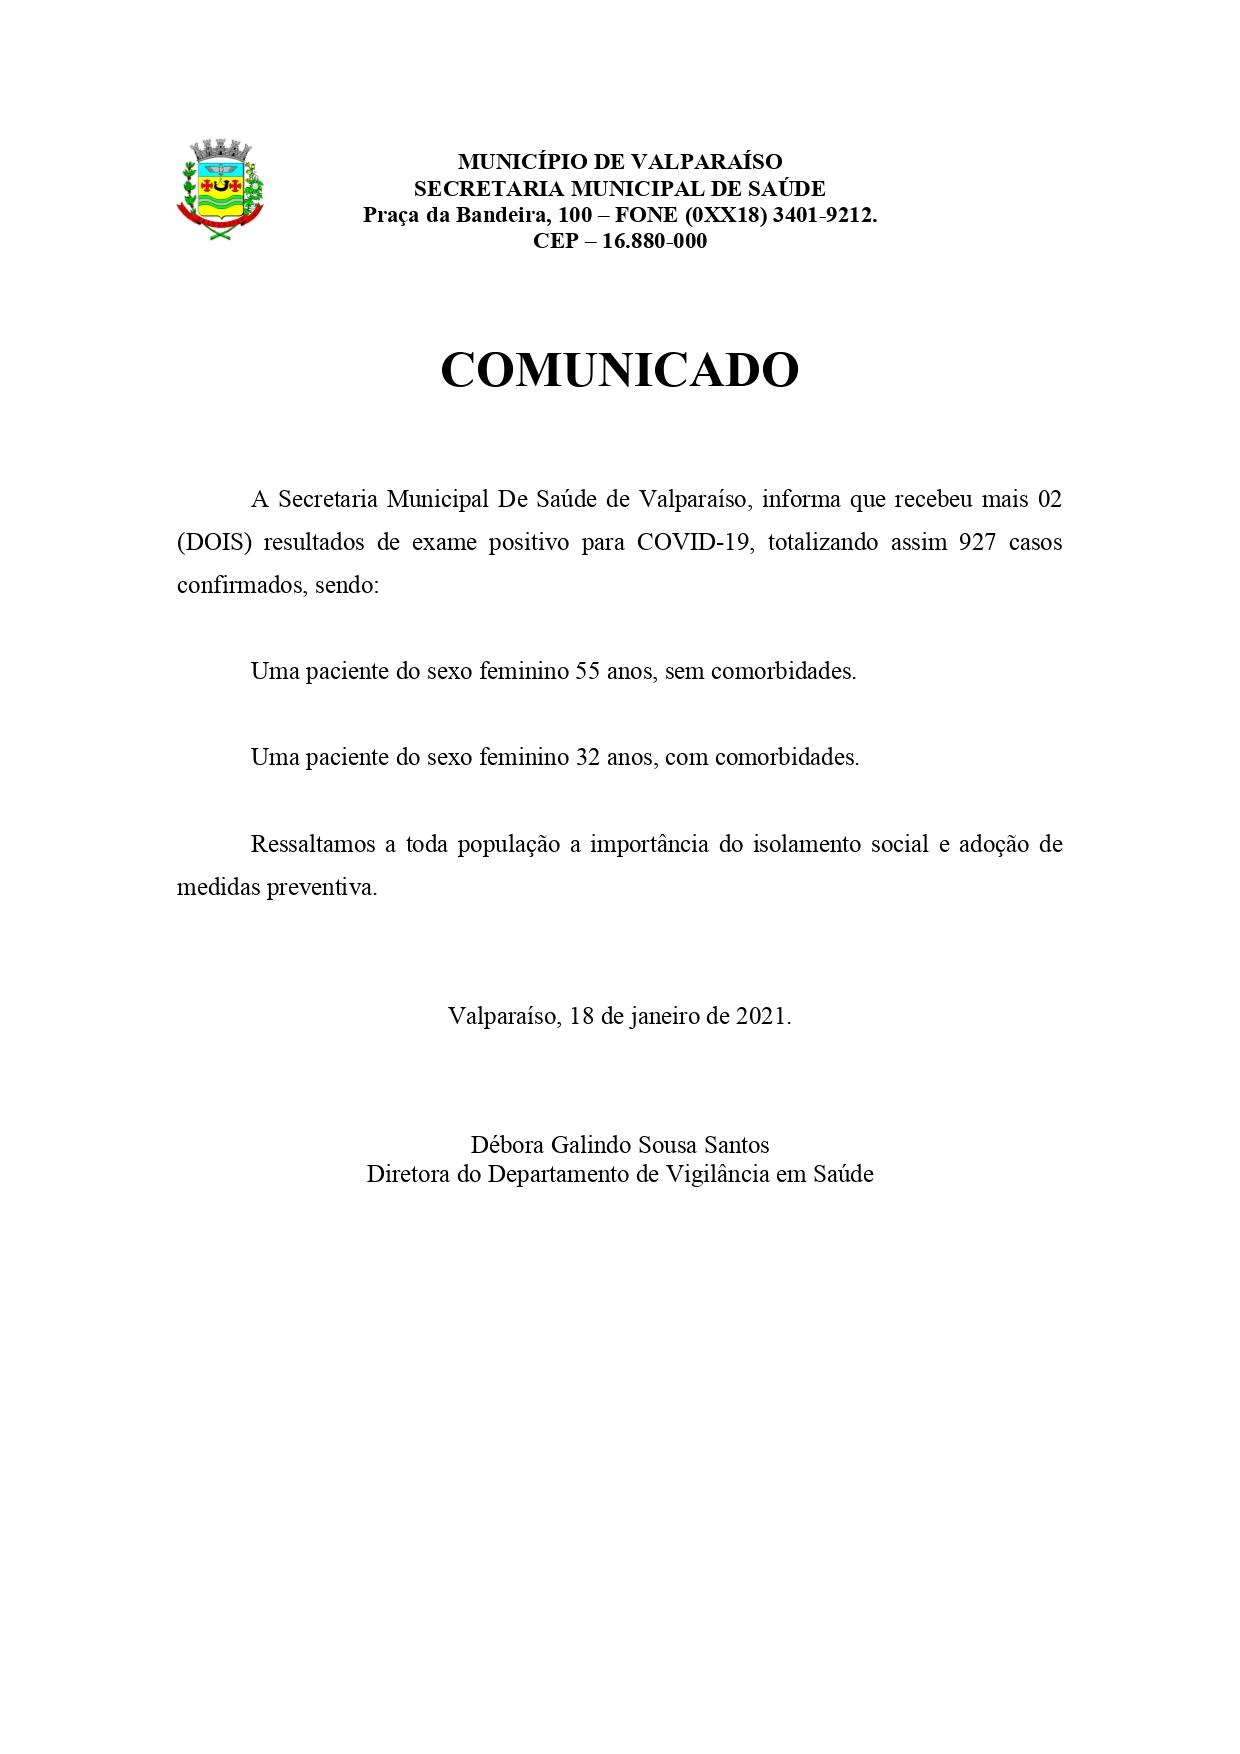 covid927